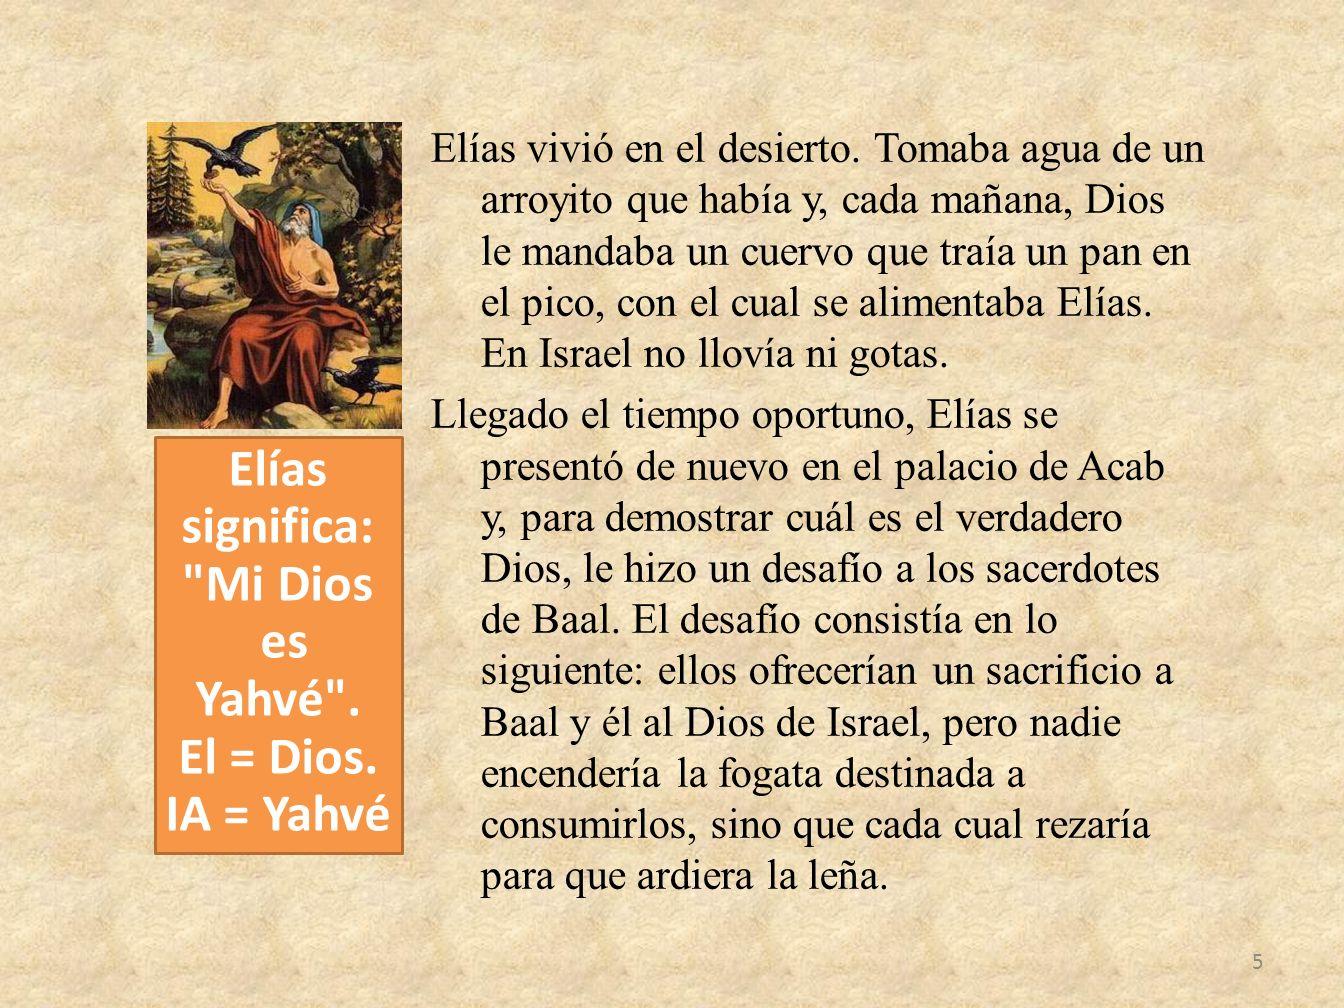 Elías vivió en el desierto. Tomaba agua de un arroyito que había y, cada mañana, Dios le mandaba un cuervo que traía un pan en el pico, con el cual se